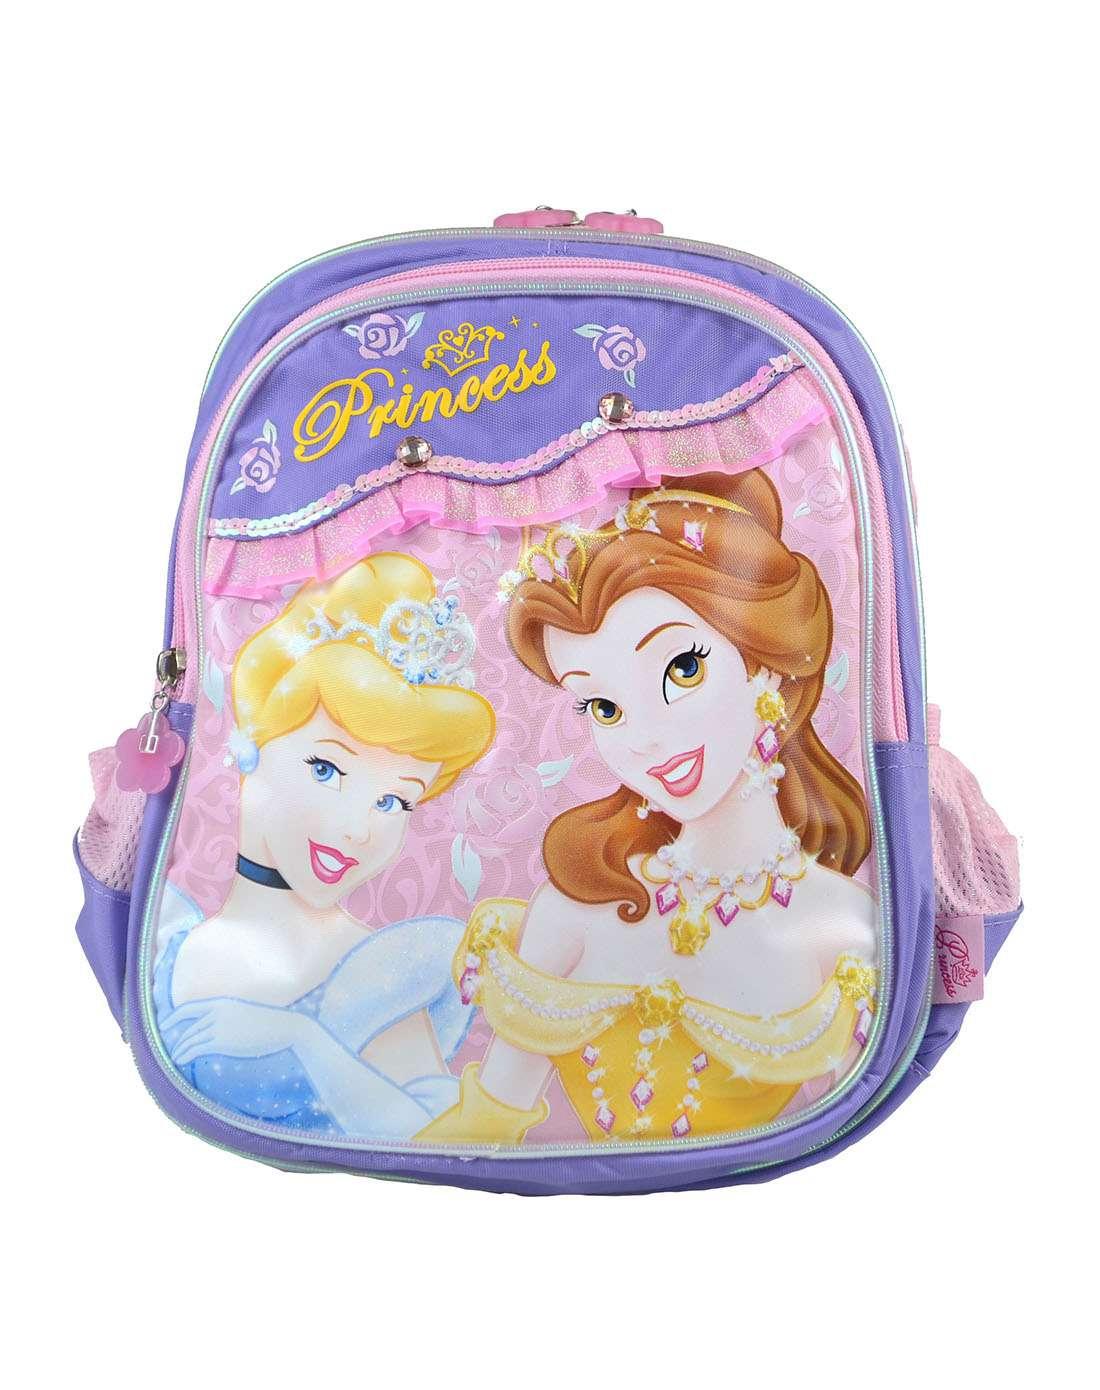 迪士尼disney儿童用品专场女童紫色荷叶边公主卡通pb